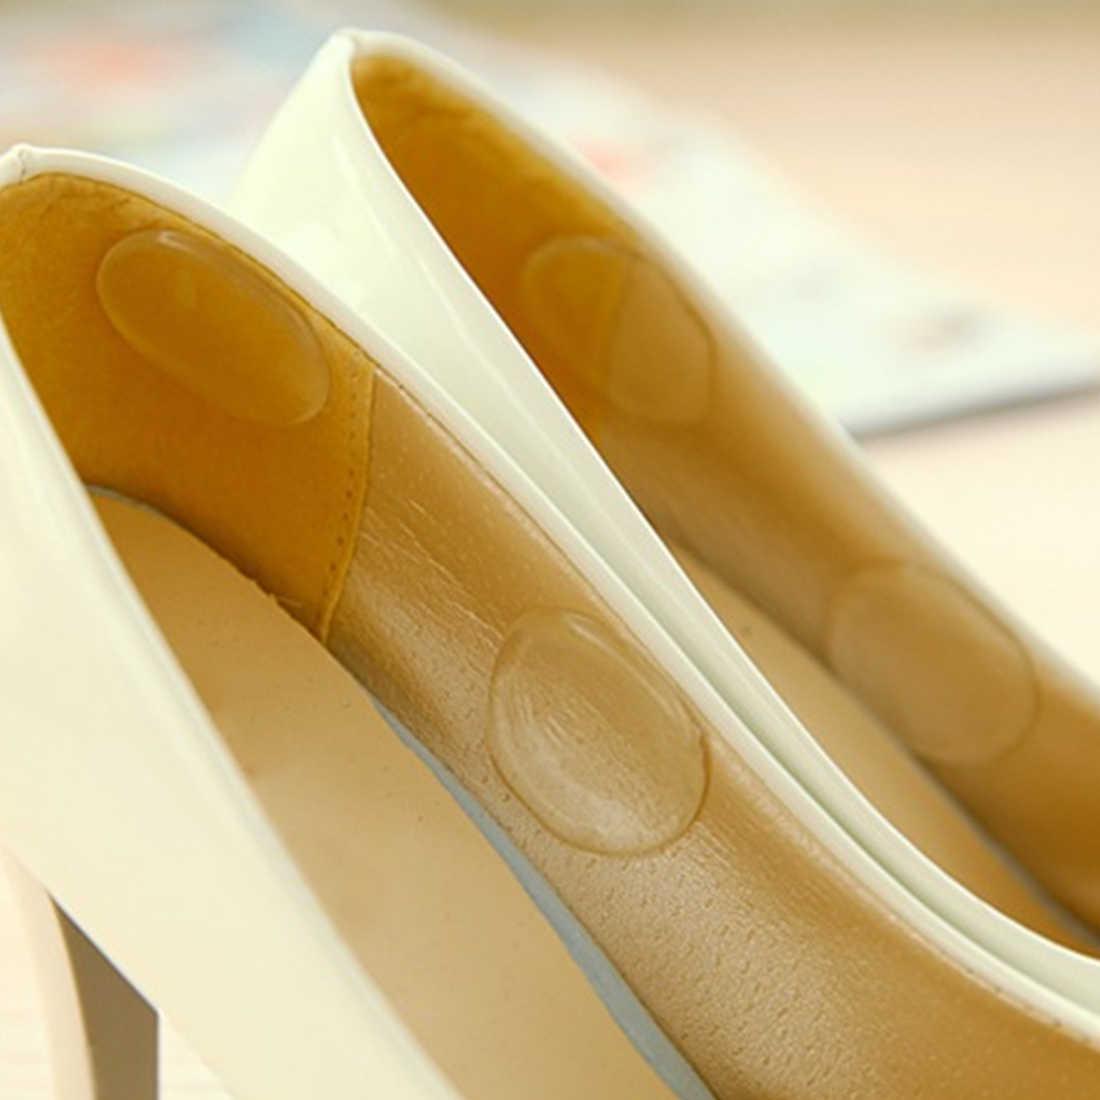 Anti-slip/Kalınlaşmak Önlemek Düşen Kadınlar Bayanlar Kızlar Silikon Jel Ayakkabı Taban Uçlar Pad/Yastık Ayak Bakımı topuk ped Bayanlar için